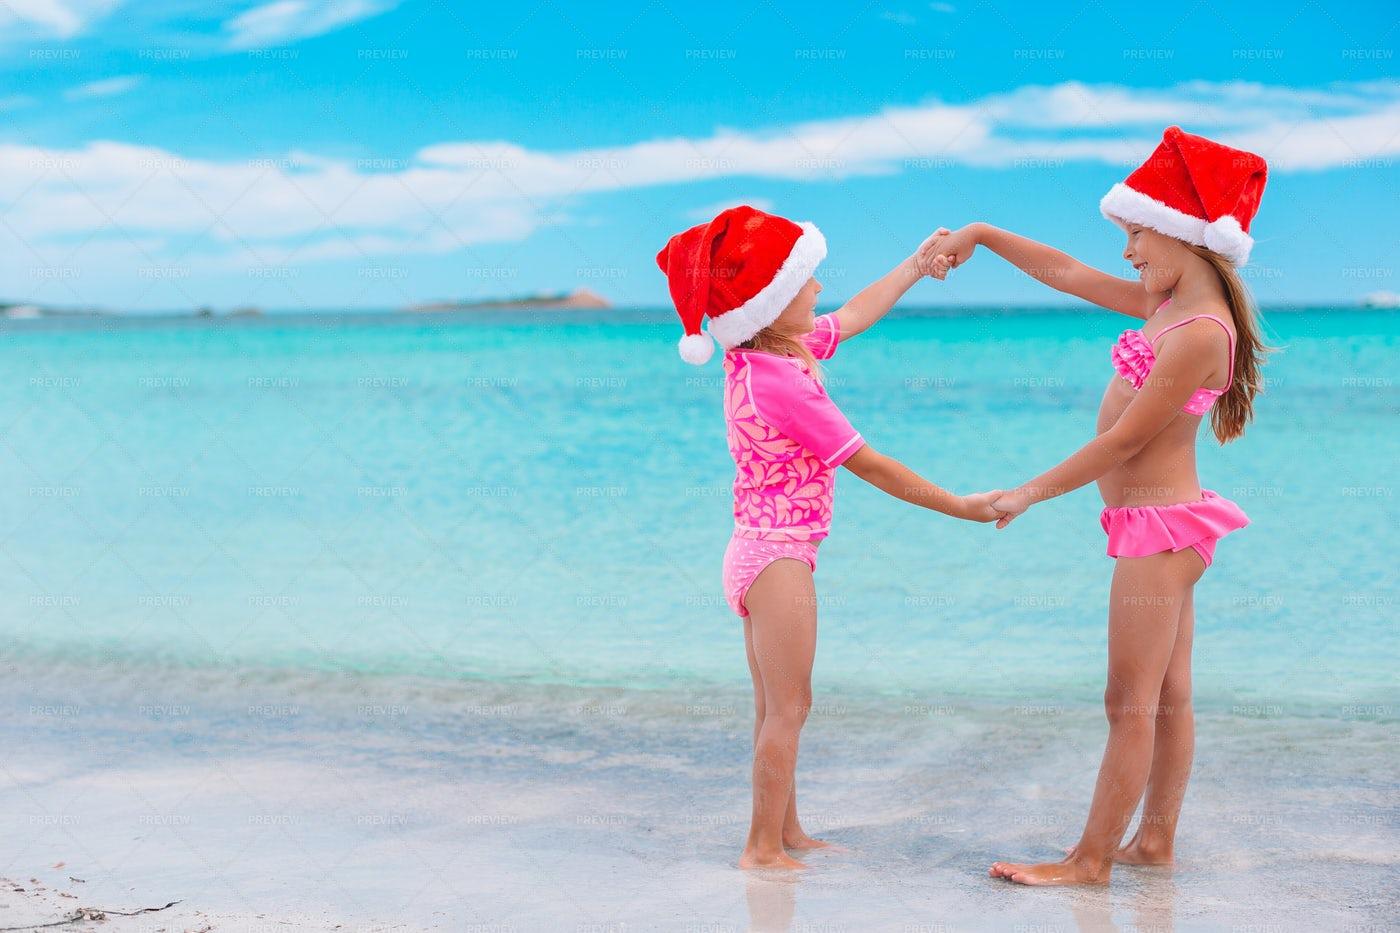 Christmas Hats On The Beach: Stock Photos